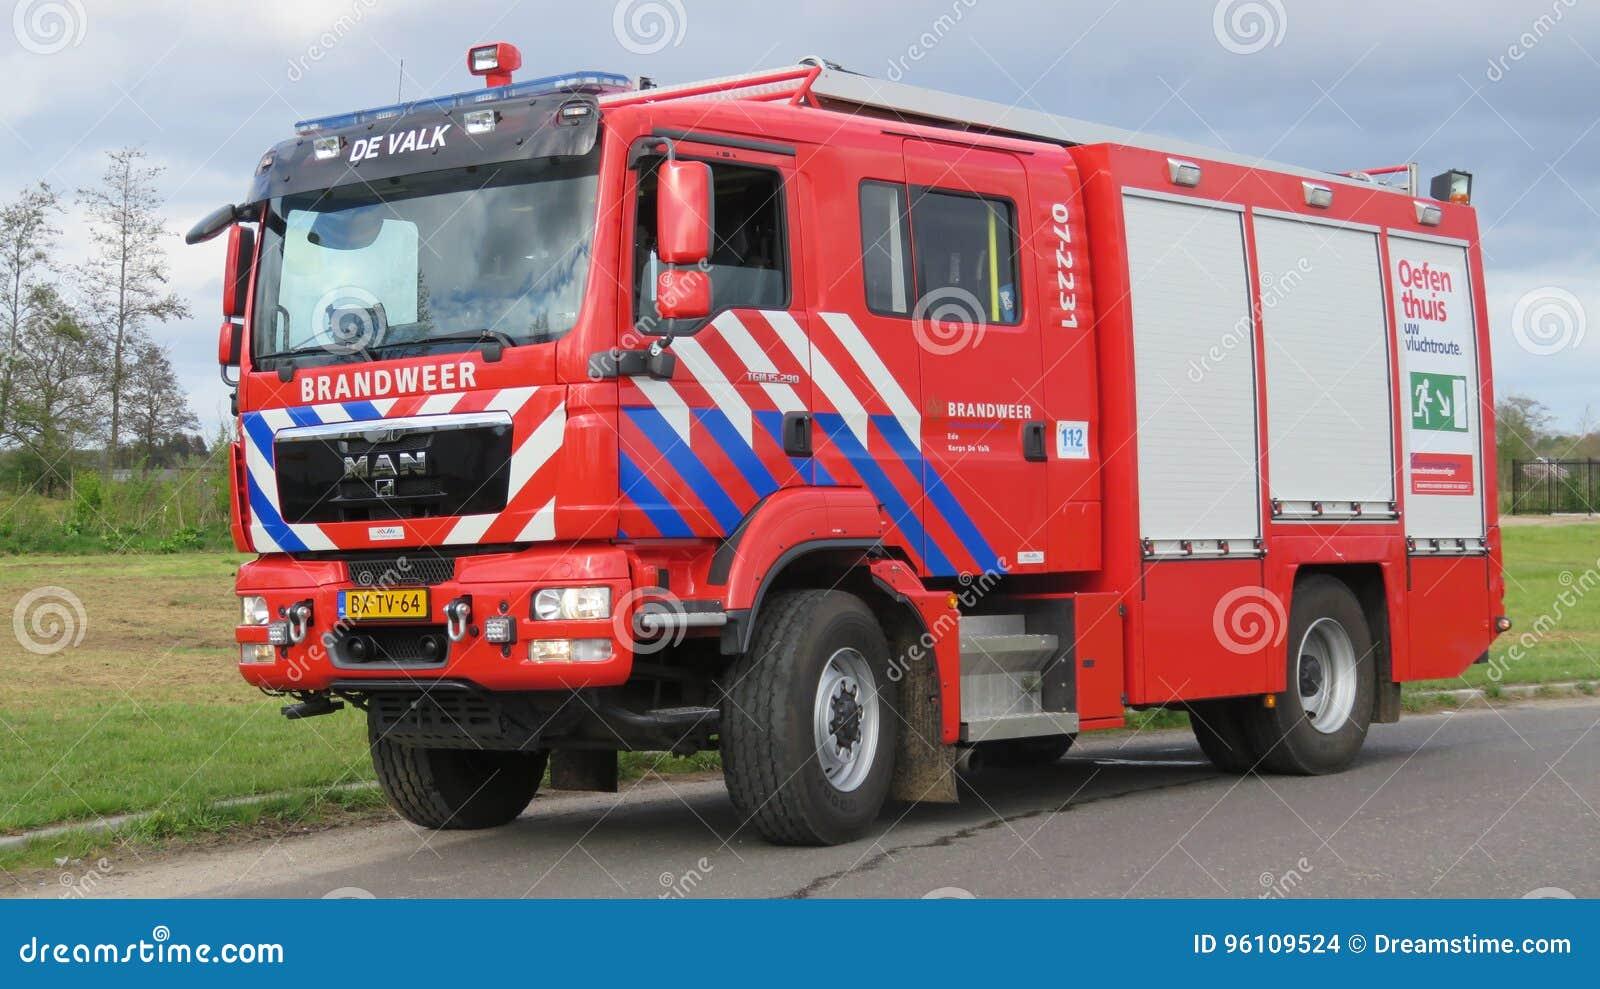 荷兰消防队的消防车